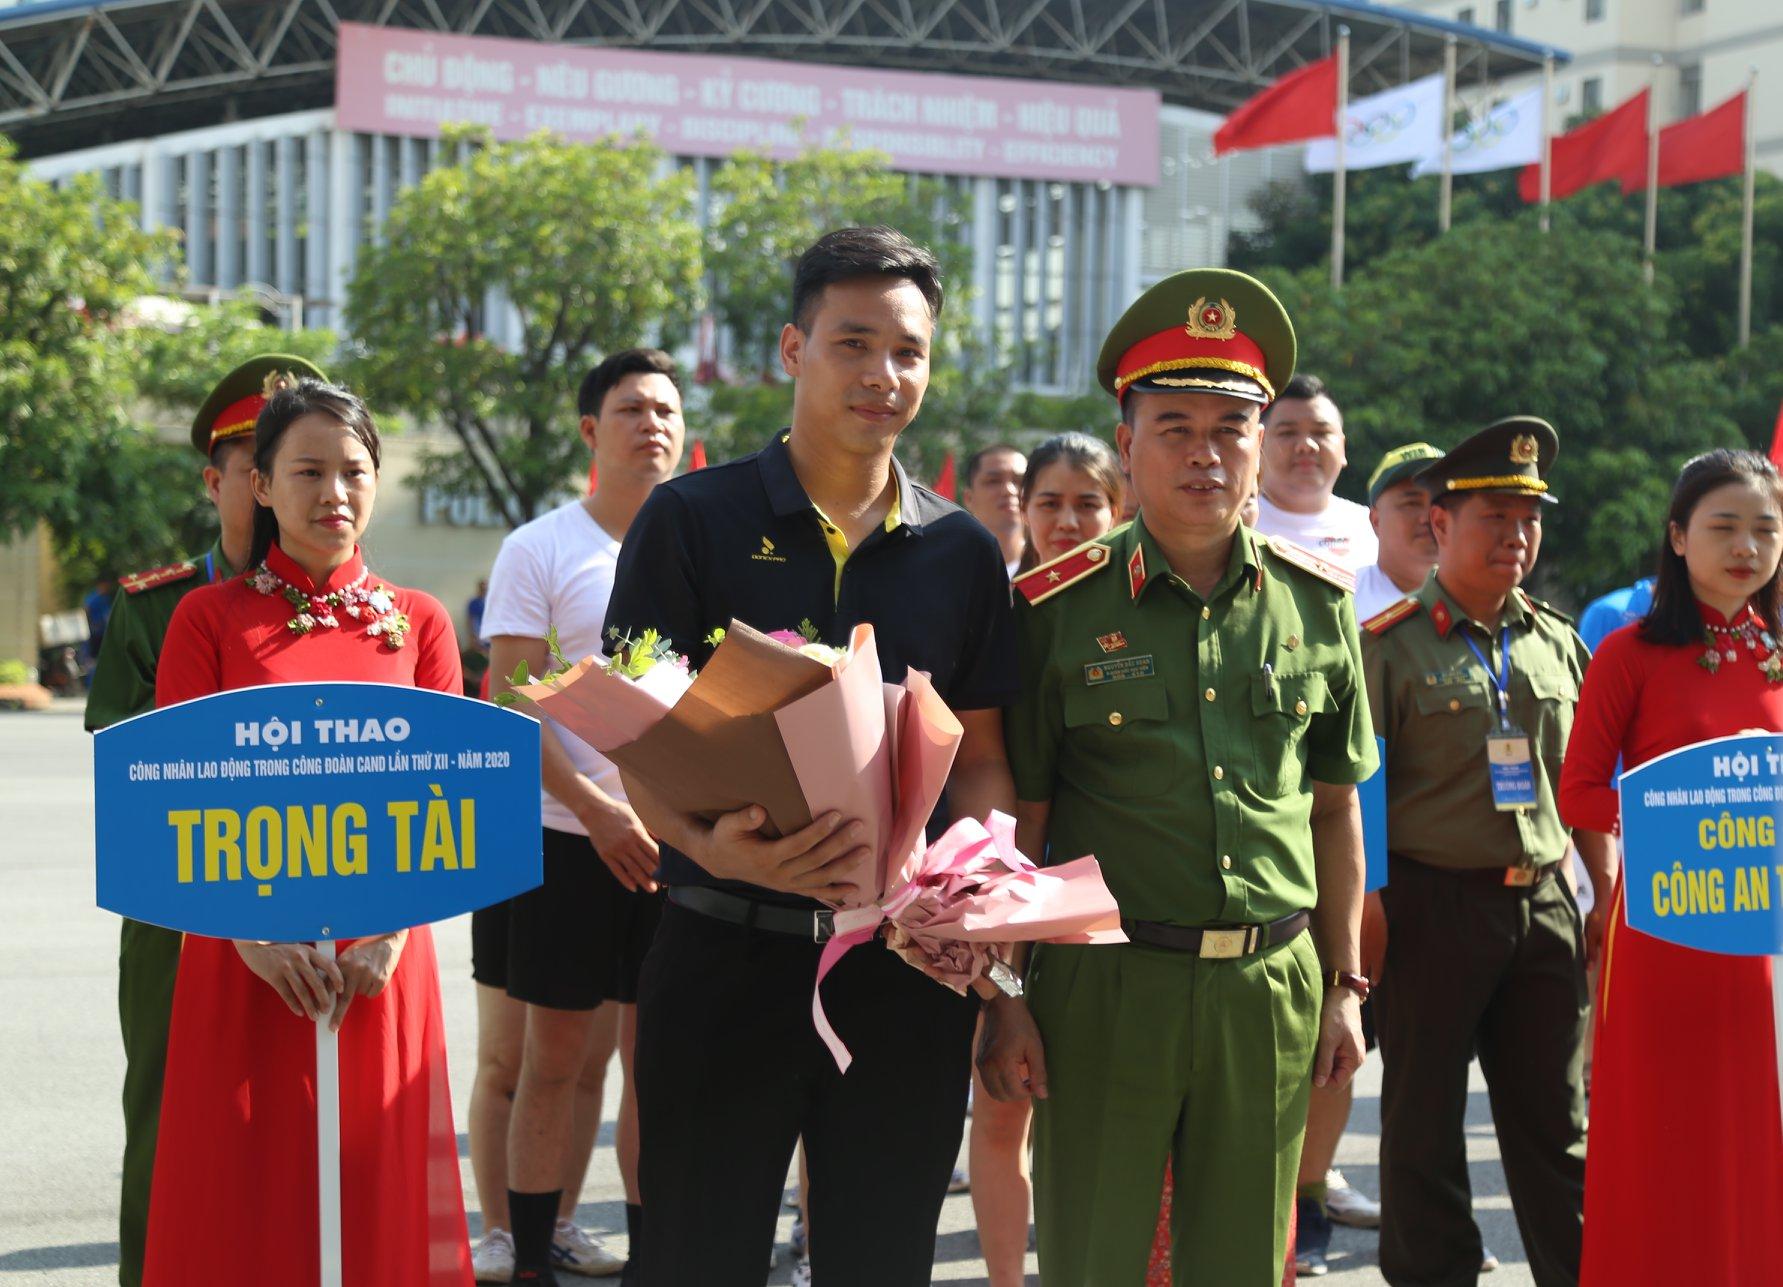 Thiếu tướng Nguyễn Đắc Hoan - Phó Giám đốc Học viện CSND tặng hoa cho Tổ trọng tài